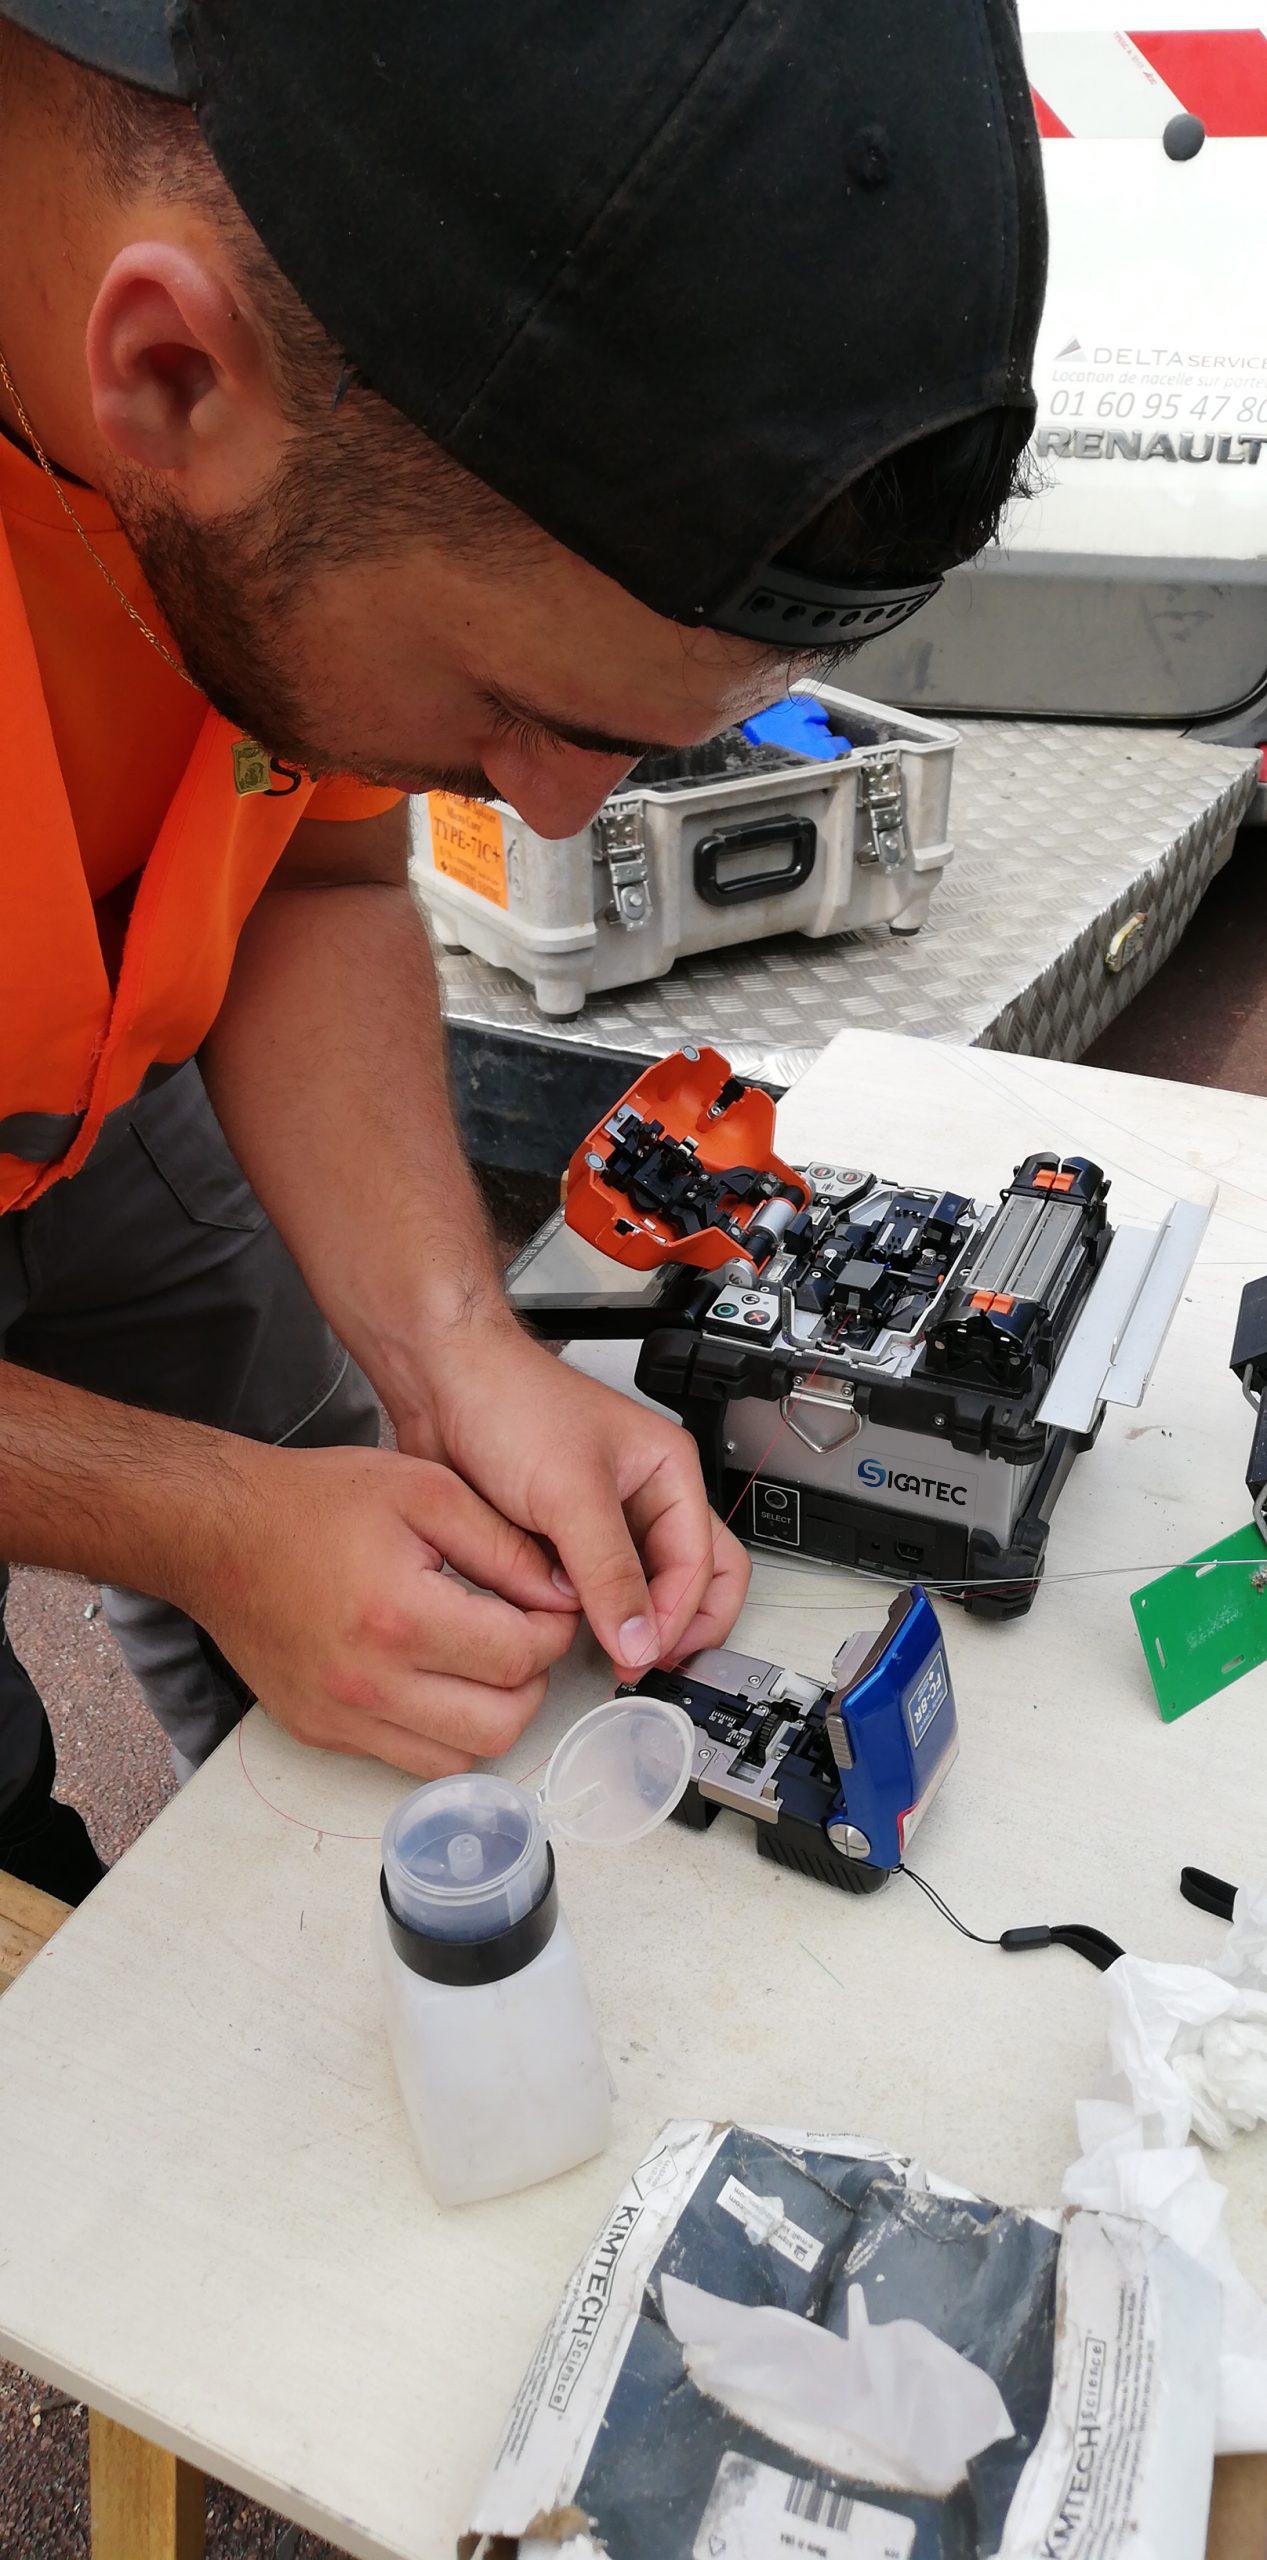 Un stagiaire s'initie à la soudure optique sur un chantier